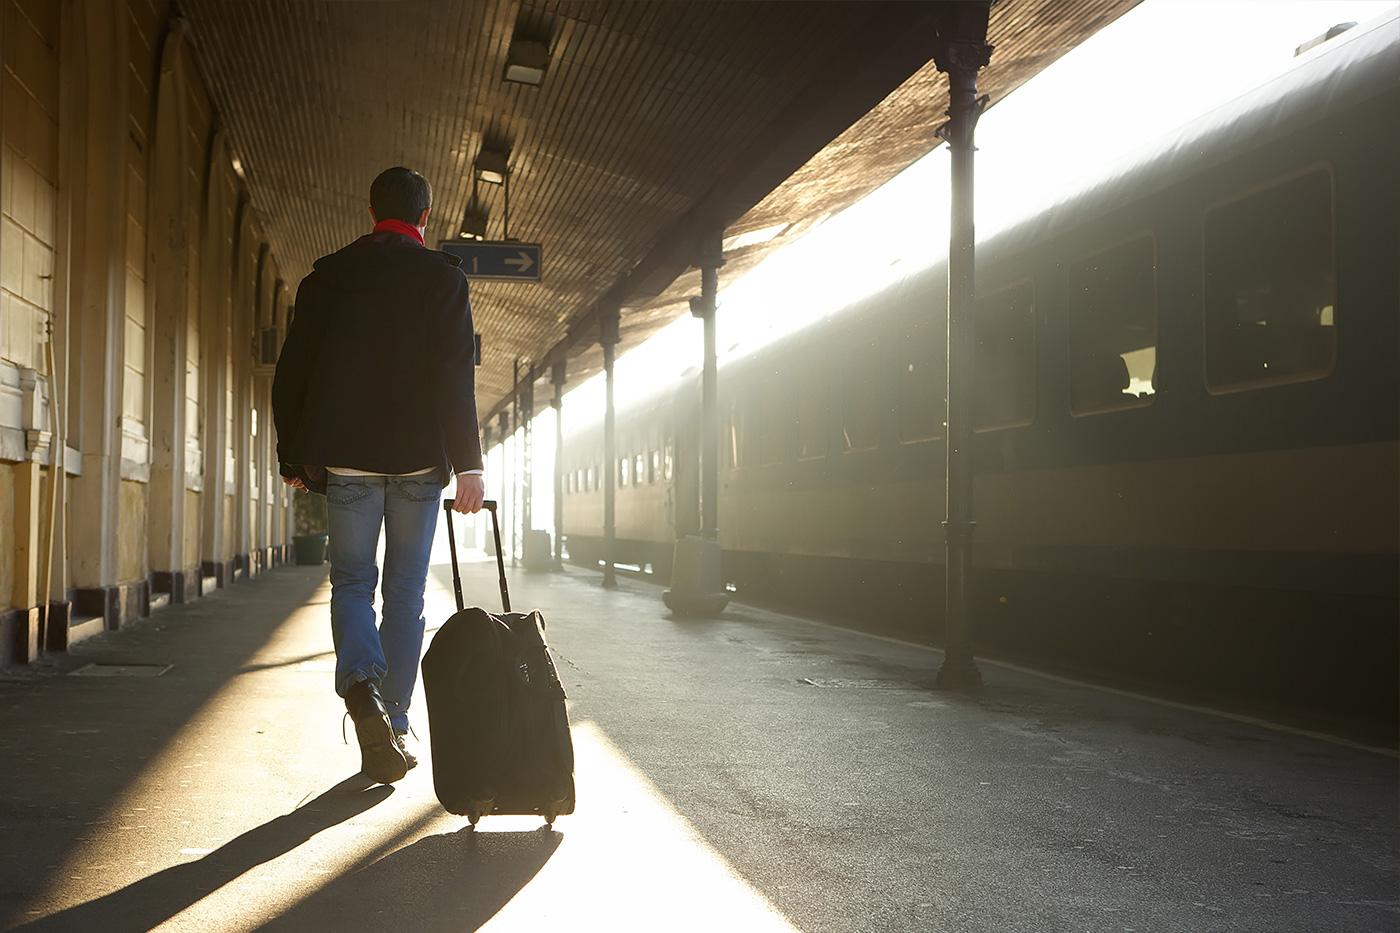 Billiger reisen